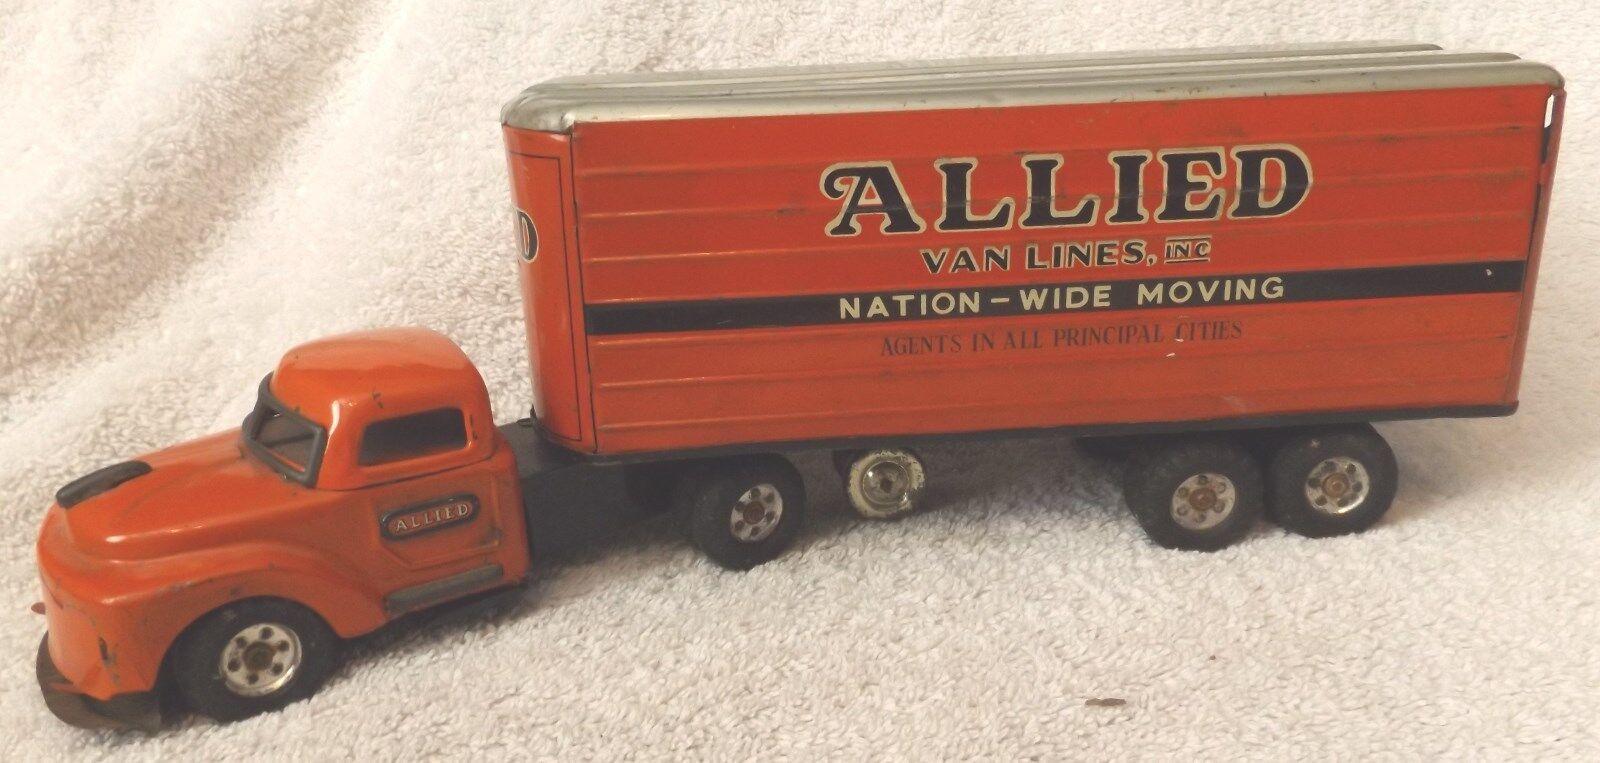 Vintage Allied Van Lines tracteur remorque Moving Van  années 1950 RARE  par Linemar